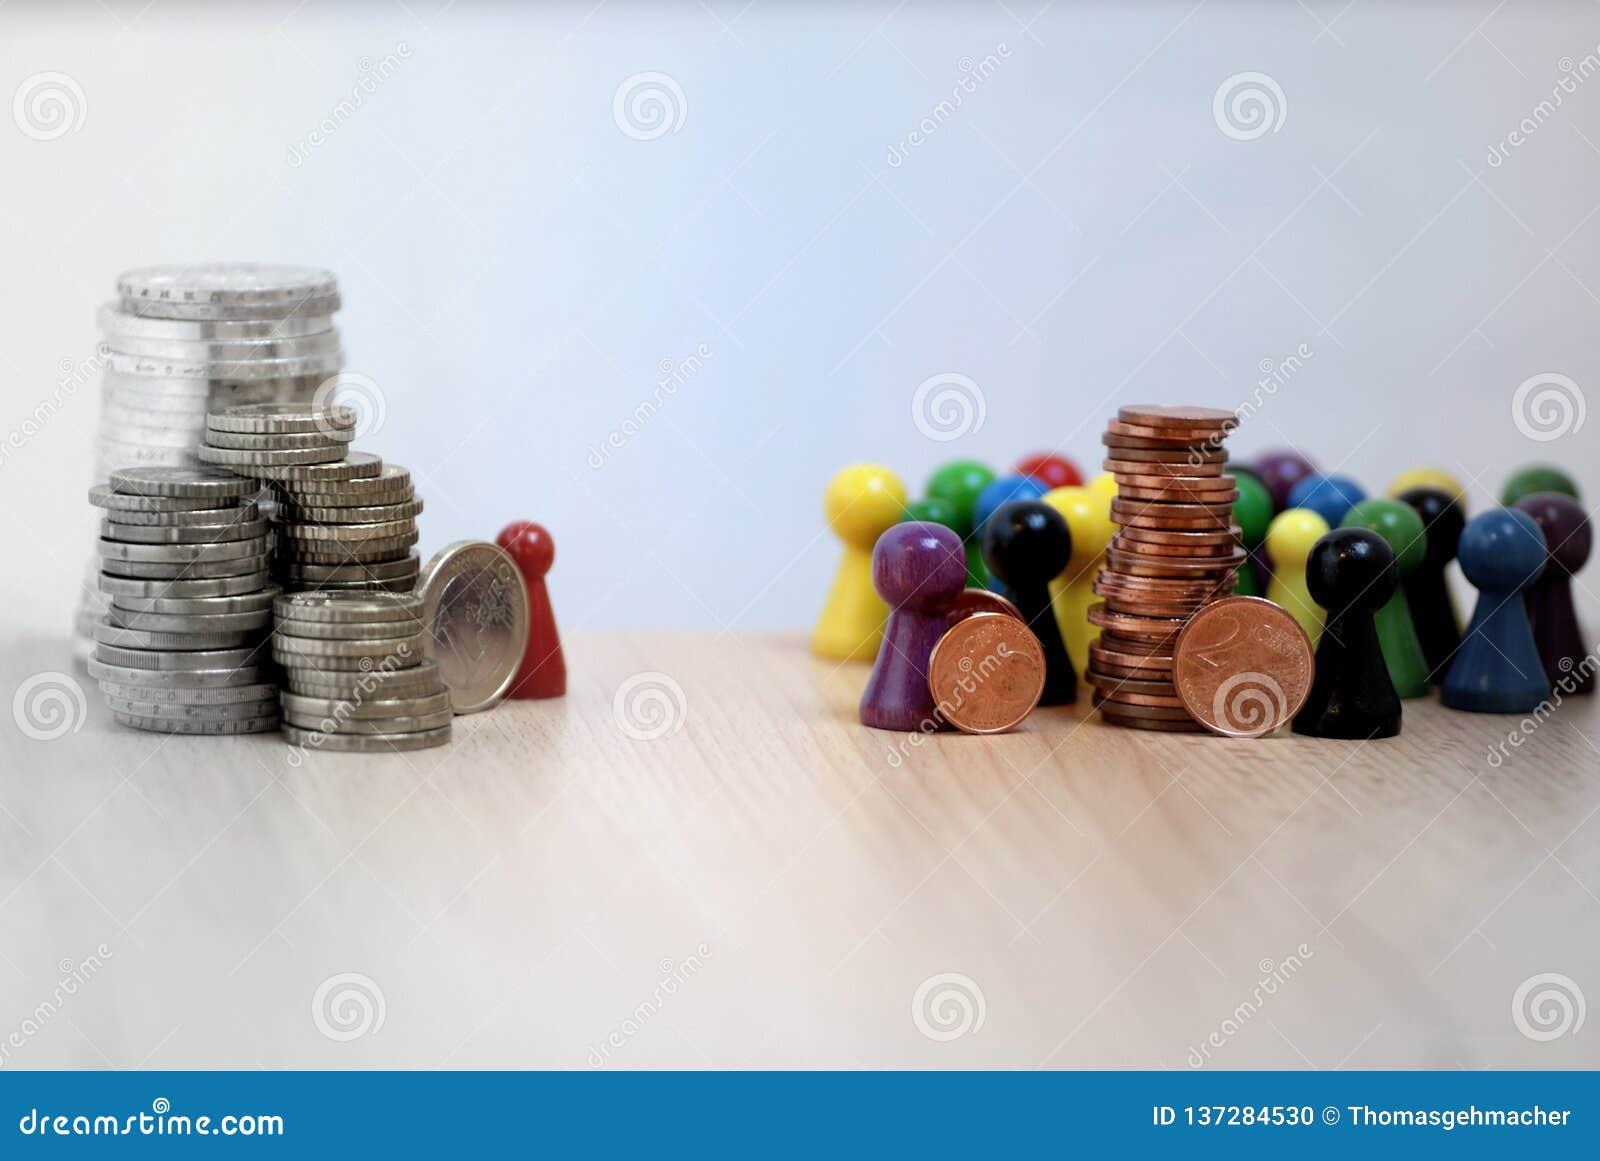 Ongelijke gelddistributie in kapitalisme speels beeld